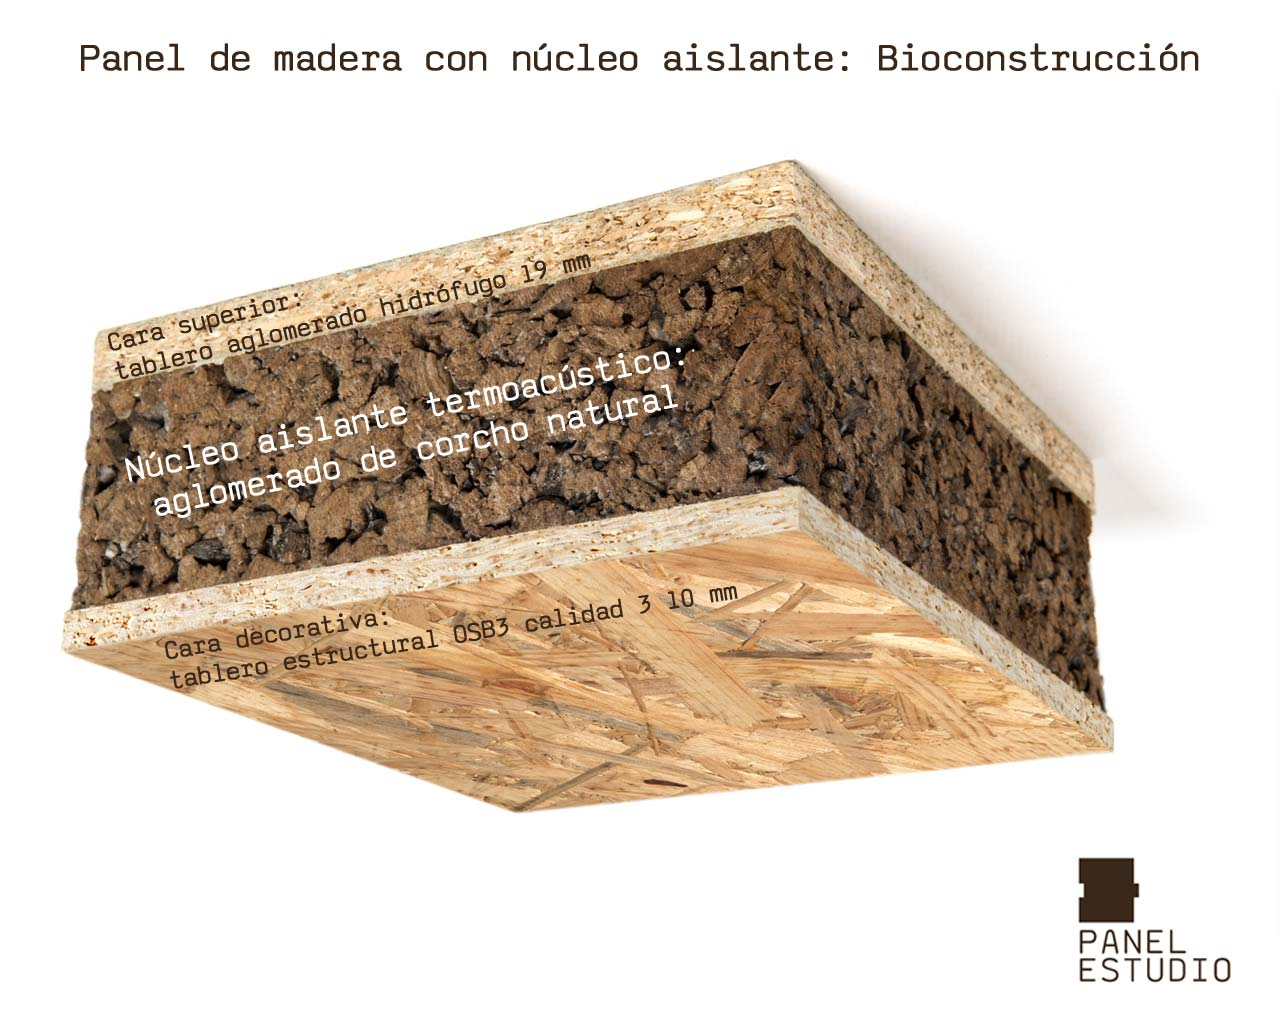 panel de madera con aislante de corcho